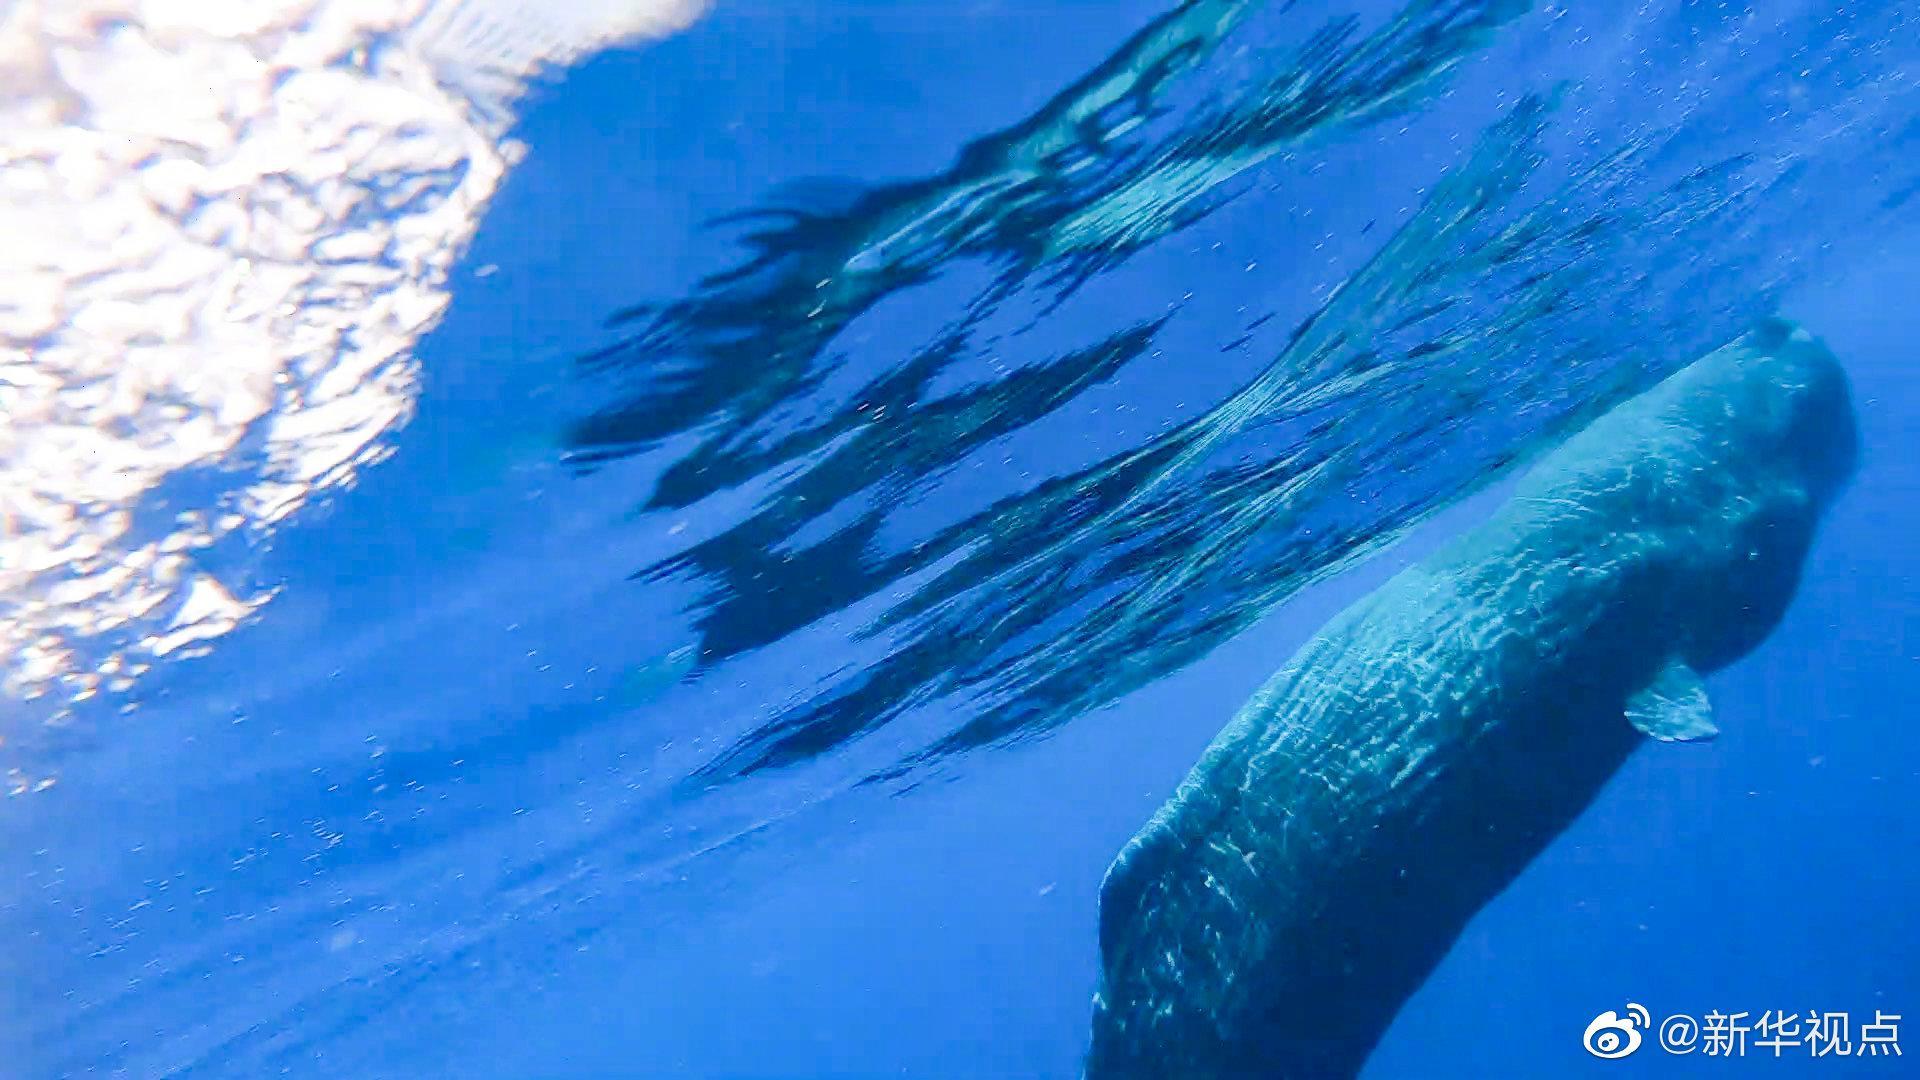 杏悦:次科研人员在南海发现杏悦抹香鲸群图片